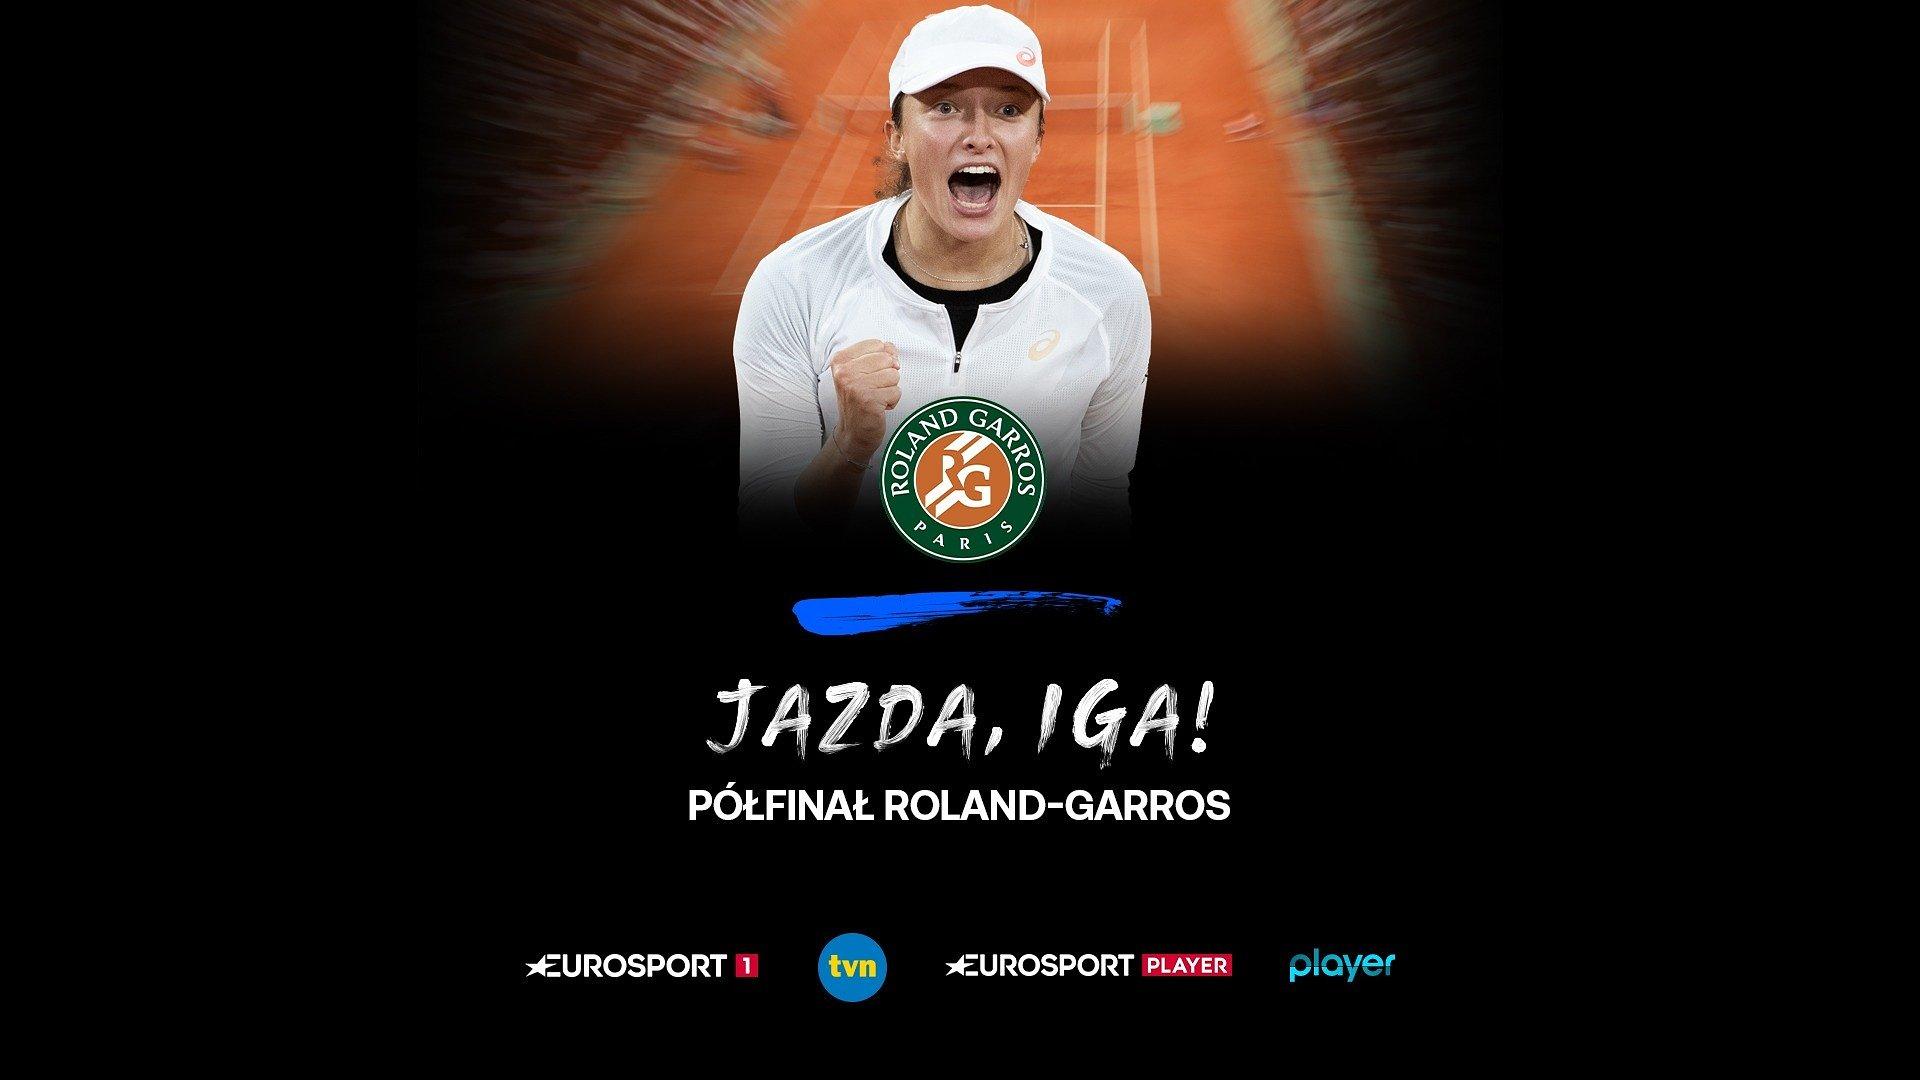 Półfinałowy mecz Igi Świątek w Roland-Garros w kanałach Eurosport 1 i TVN oraz serwisach Eurosport Player i player.pl